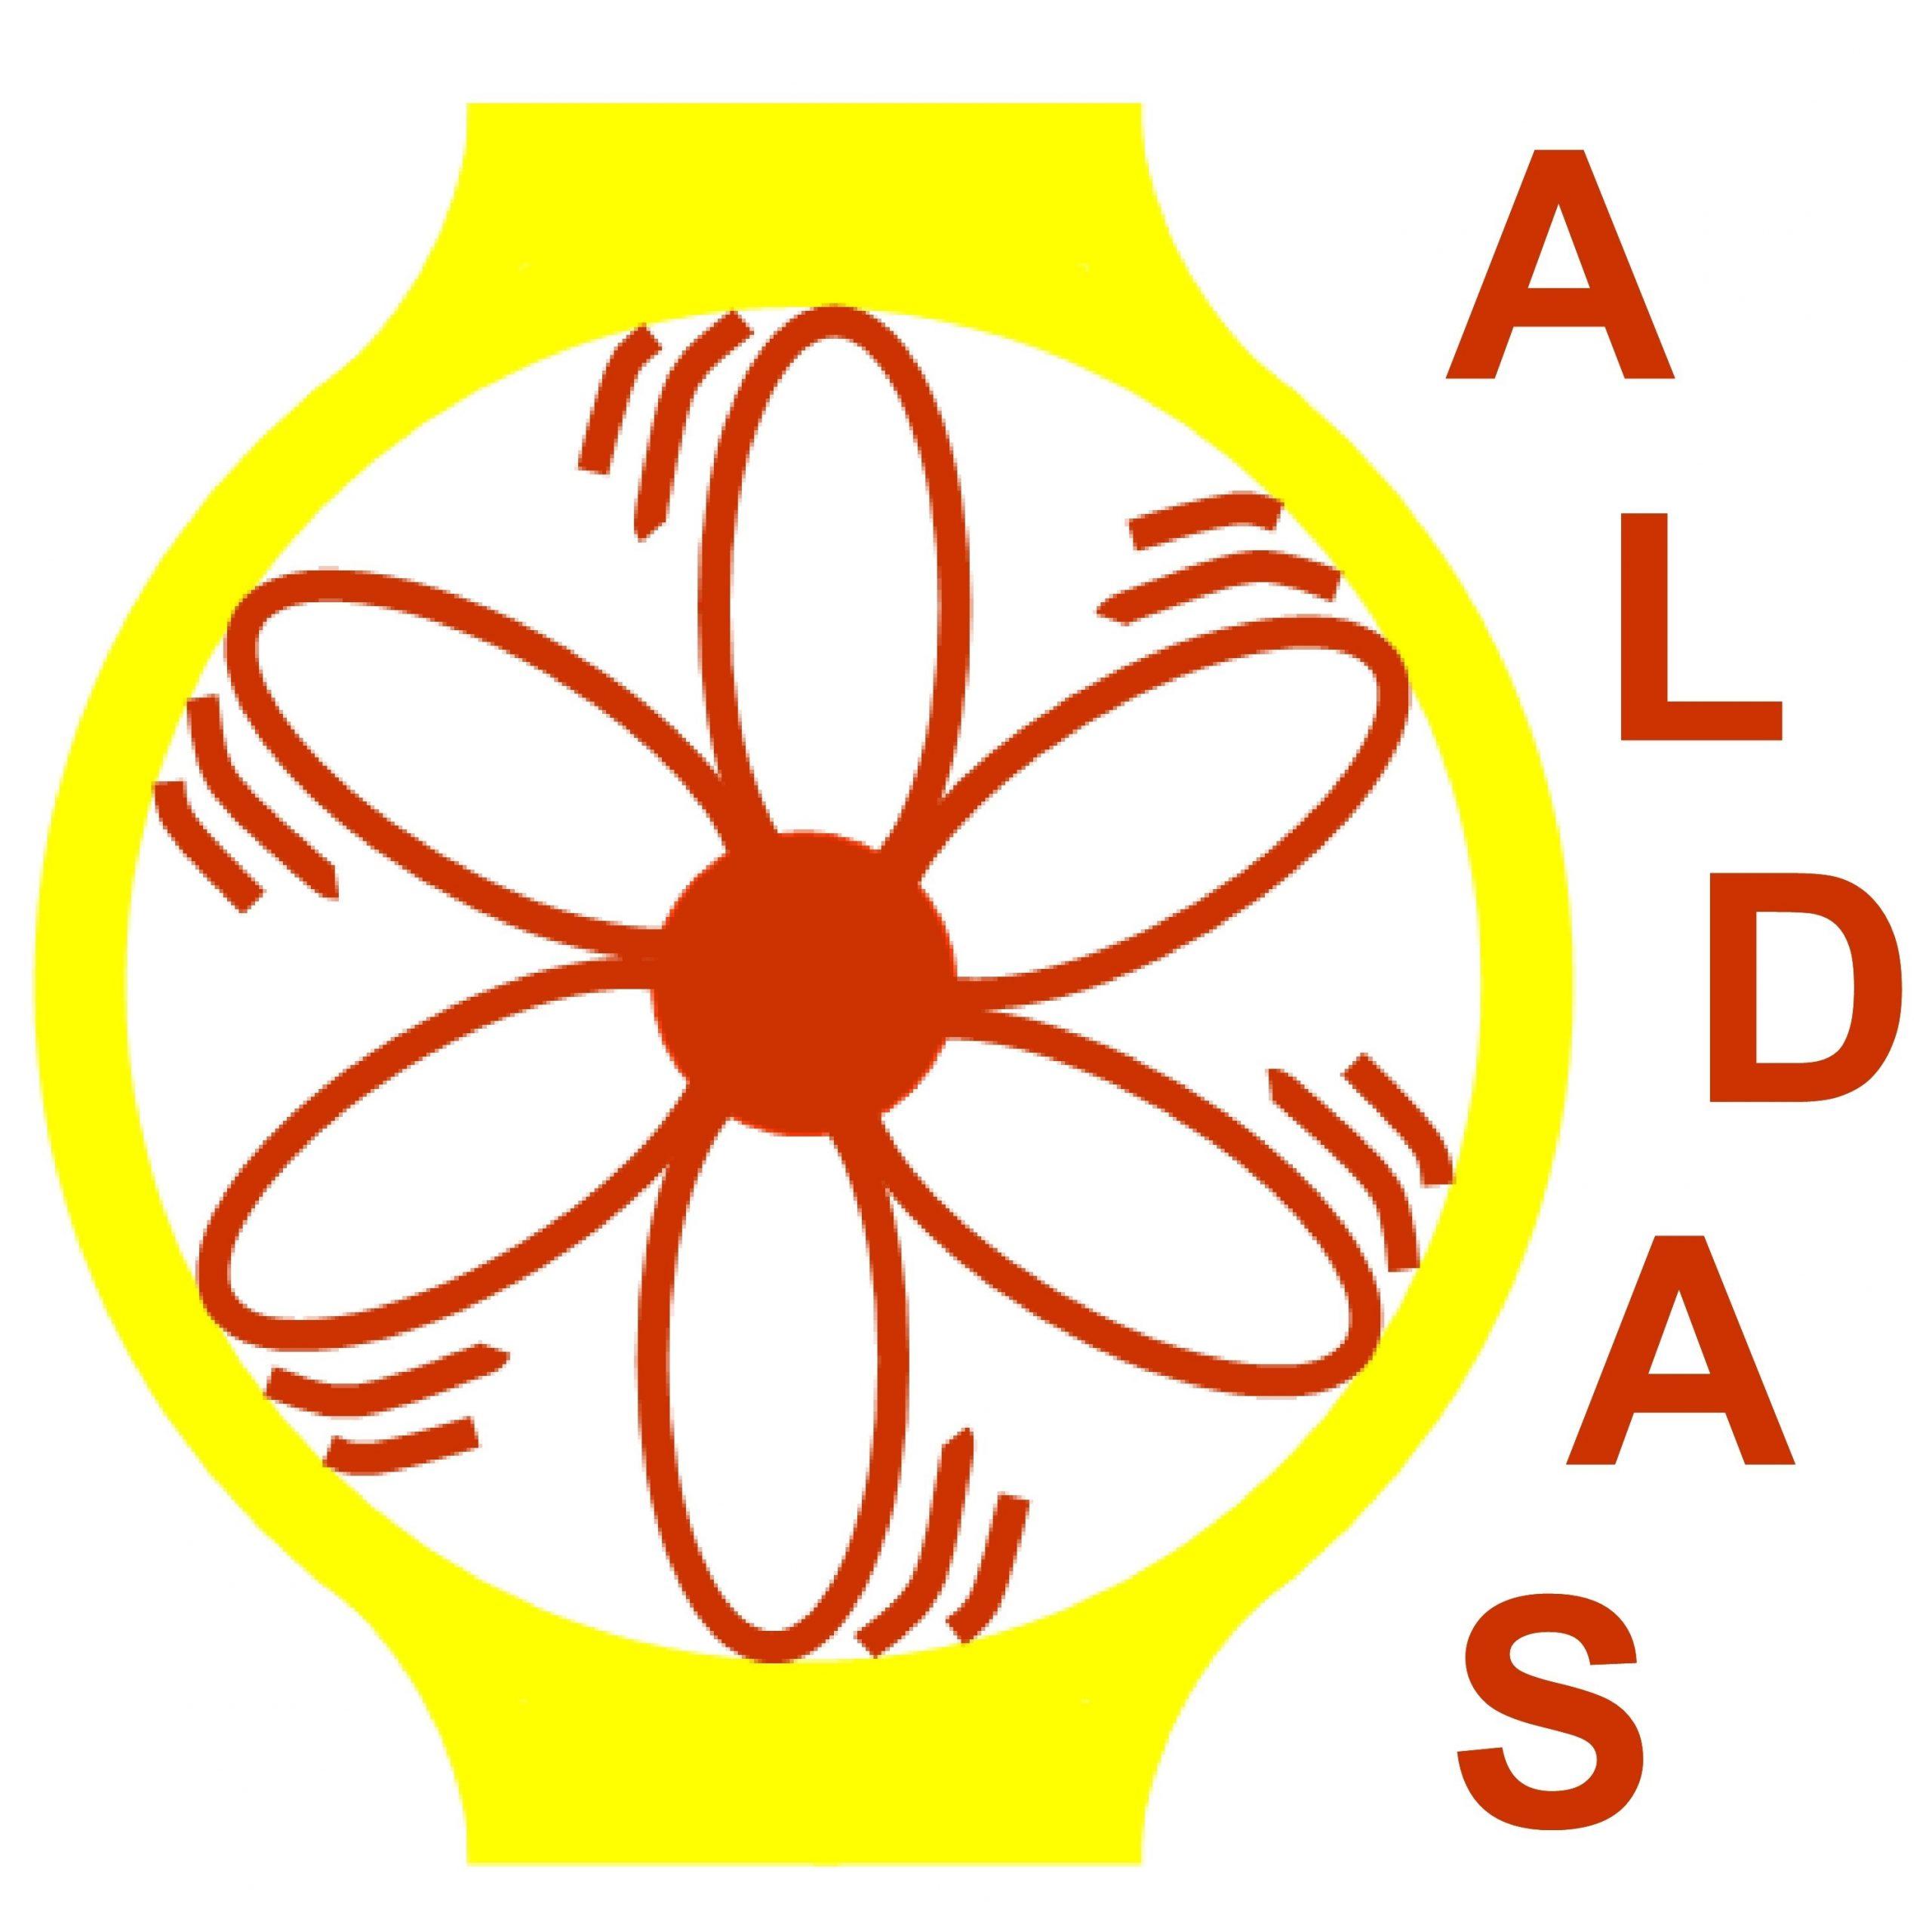 ALDAS